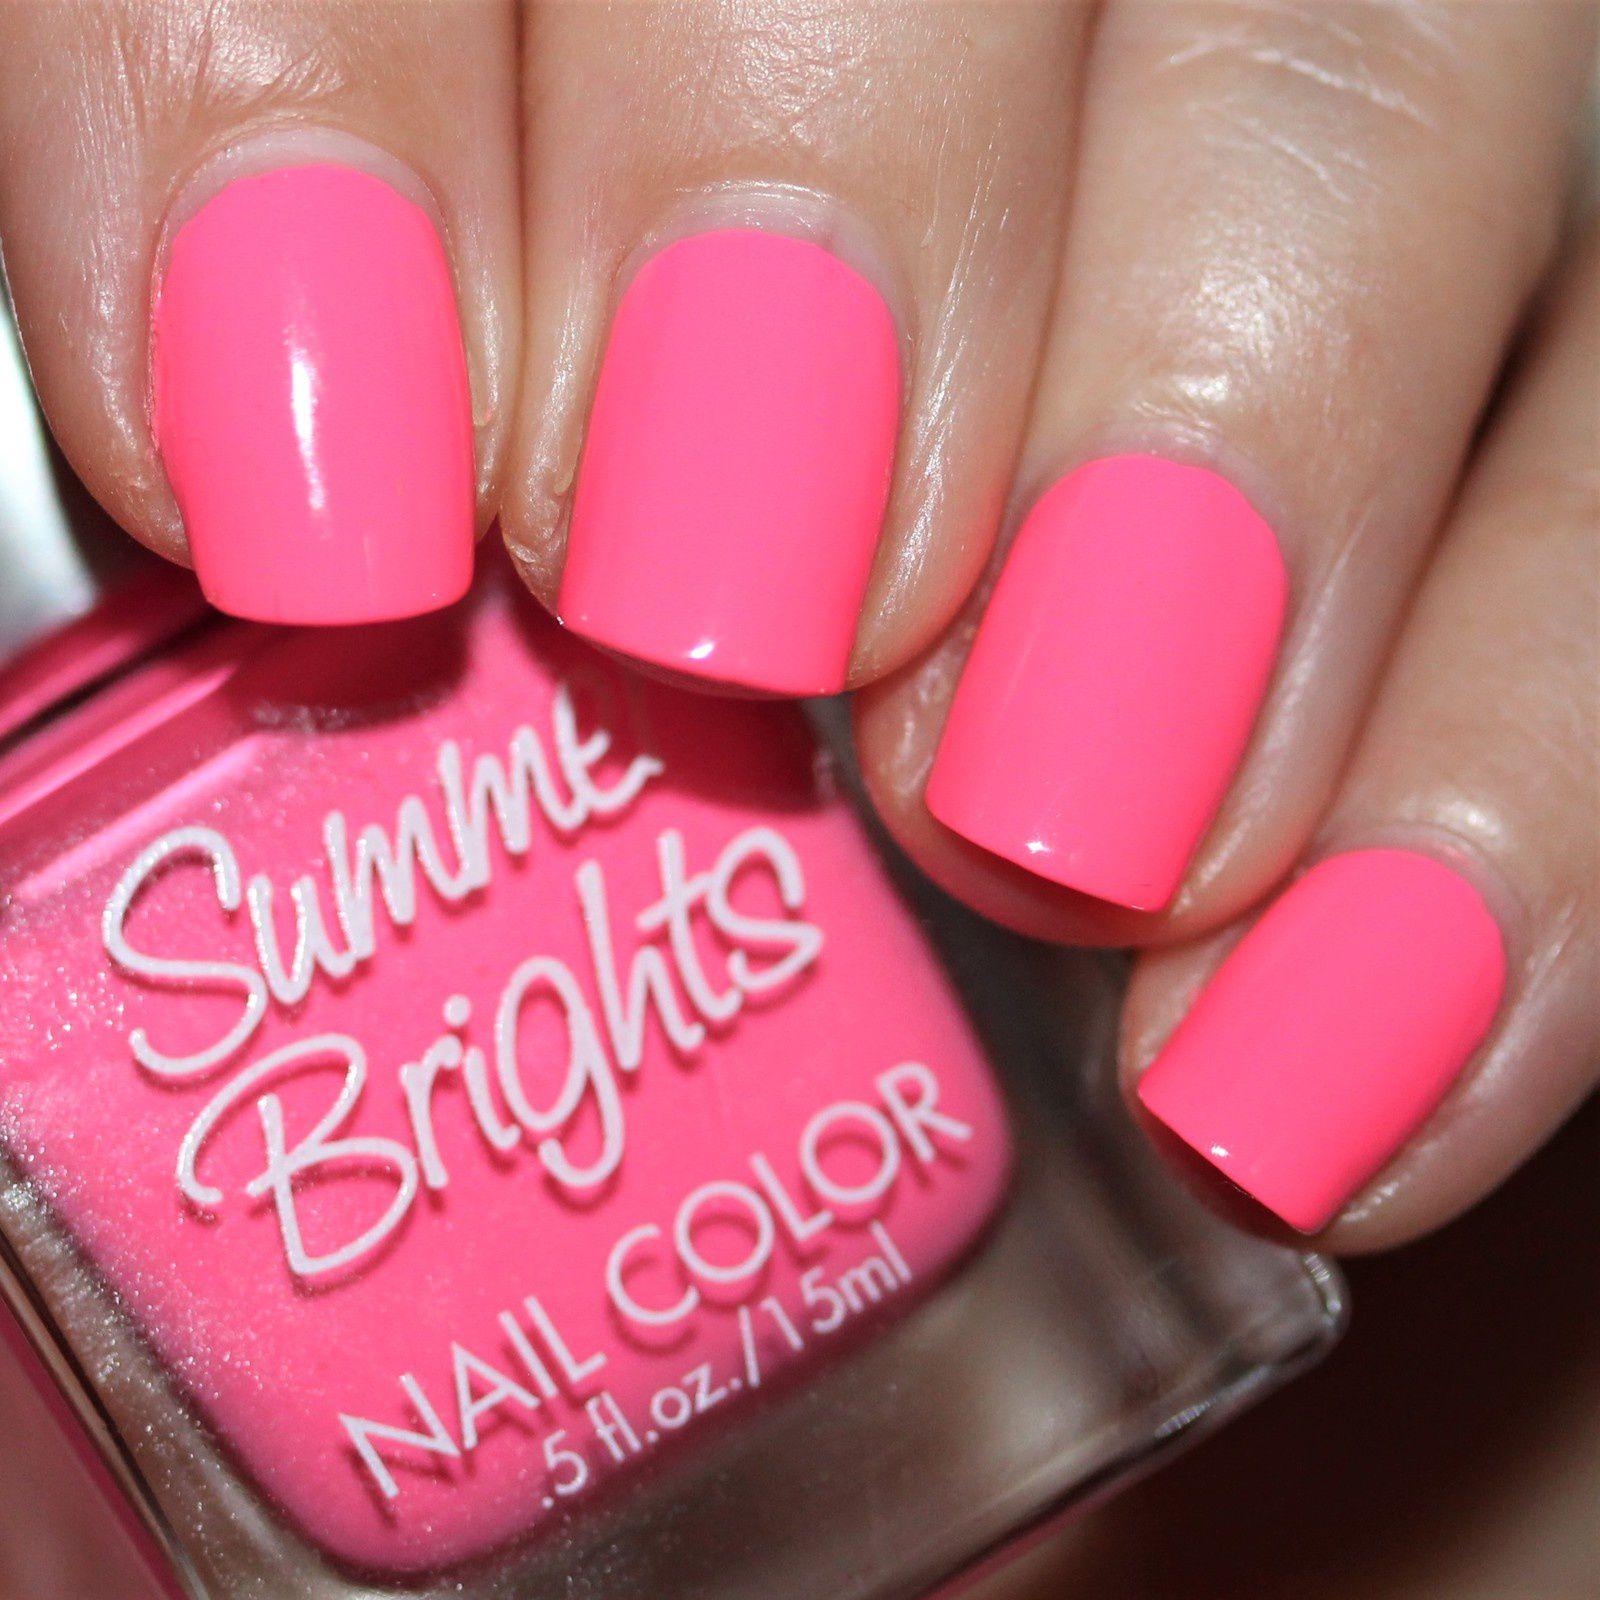 Essie Protein Base Coat / Summer Brights Neon Pink / HK Girl Top Coat